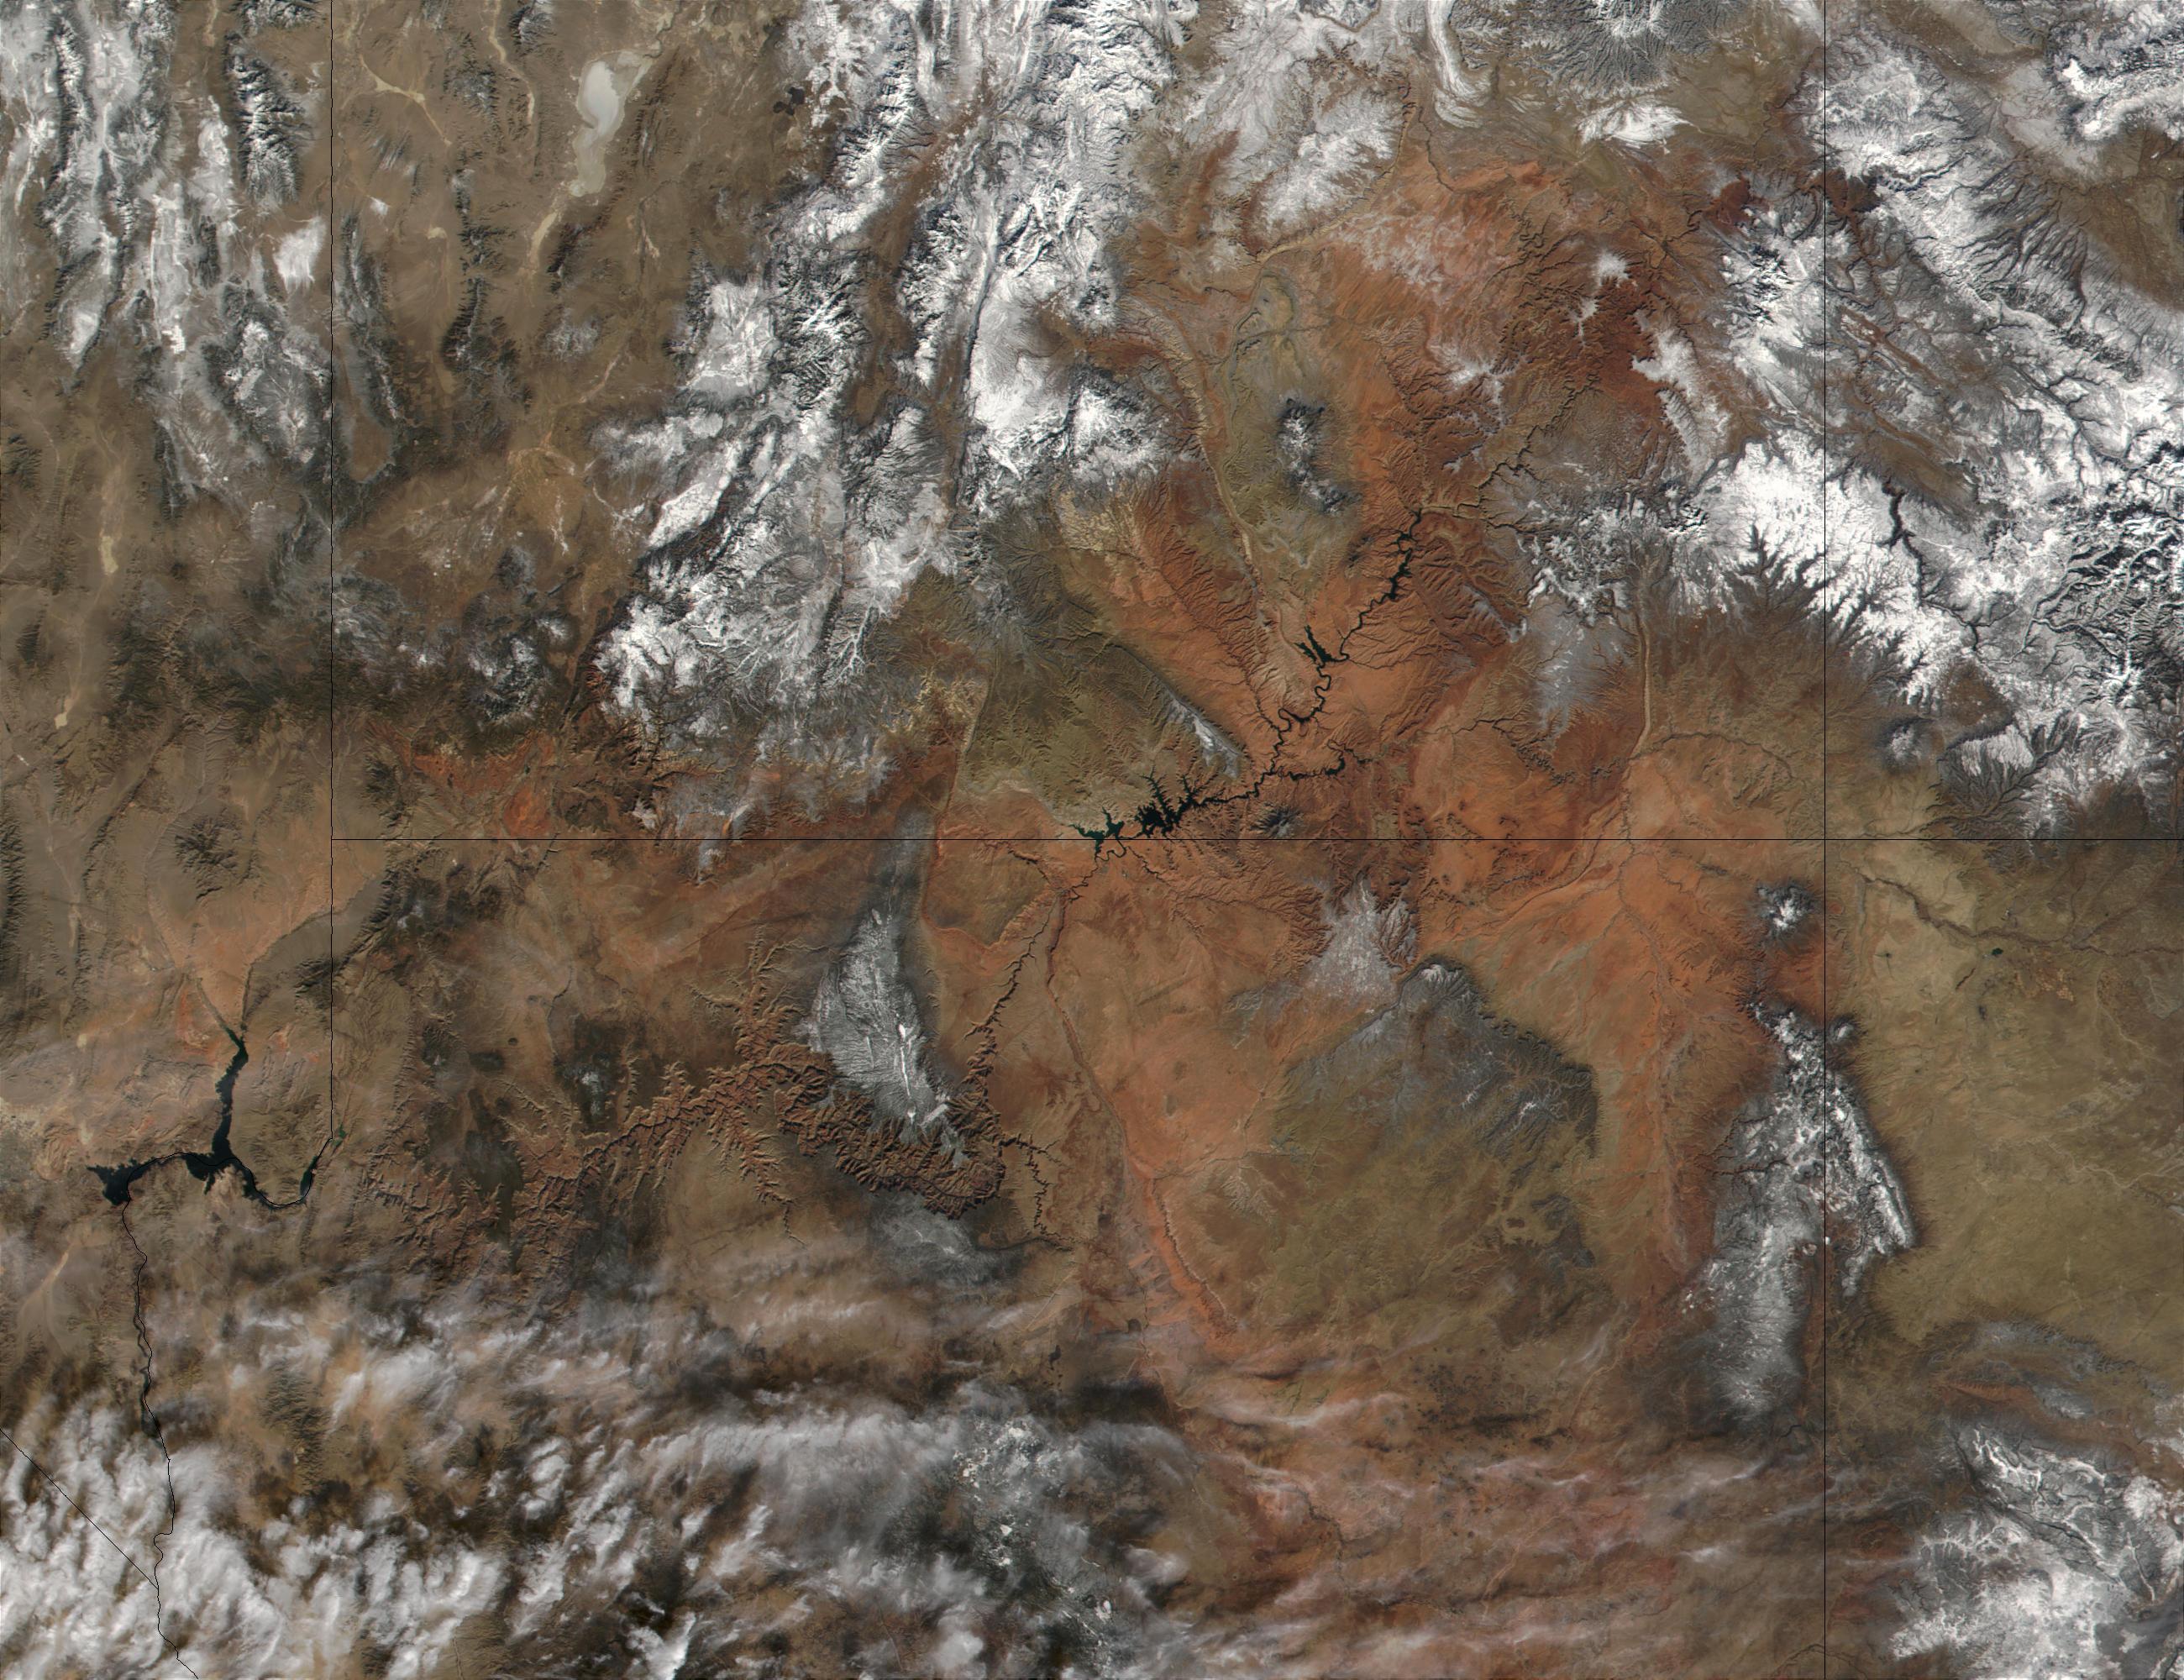 Grand Canyon satelliet グリーンランドの氷下に巨大な渓谷を確認!大きさはグランドキャニオンの2倍!